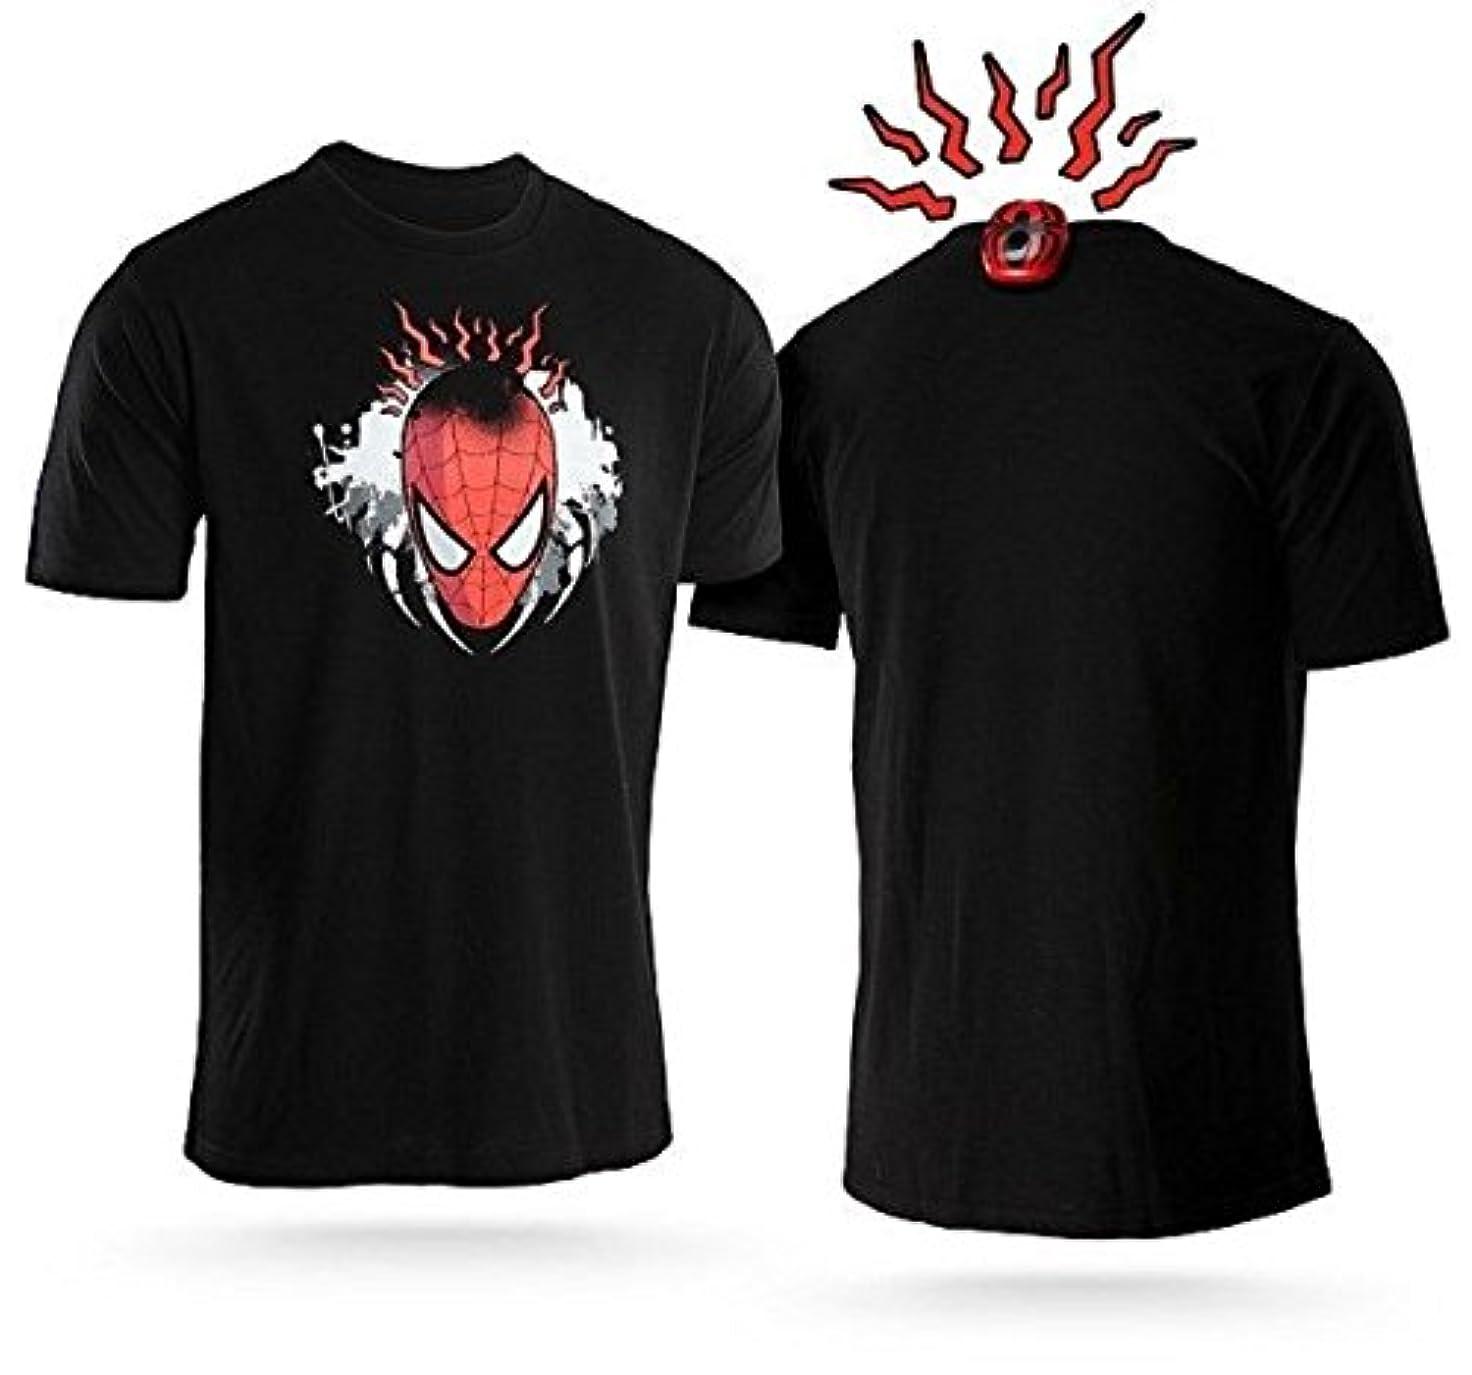 荒らす爆弾株式会社スパイダーマン センサー Tシャツ (並行輸入品)